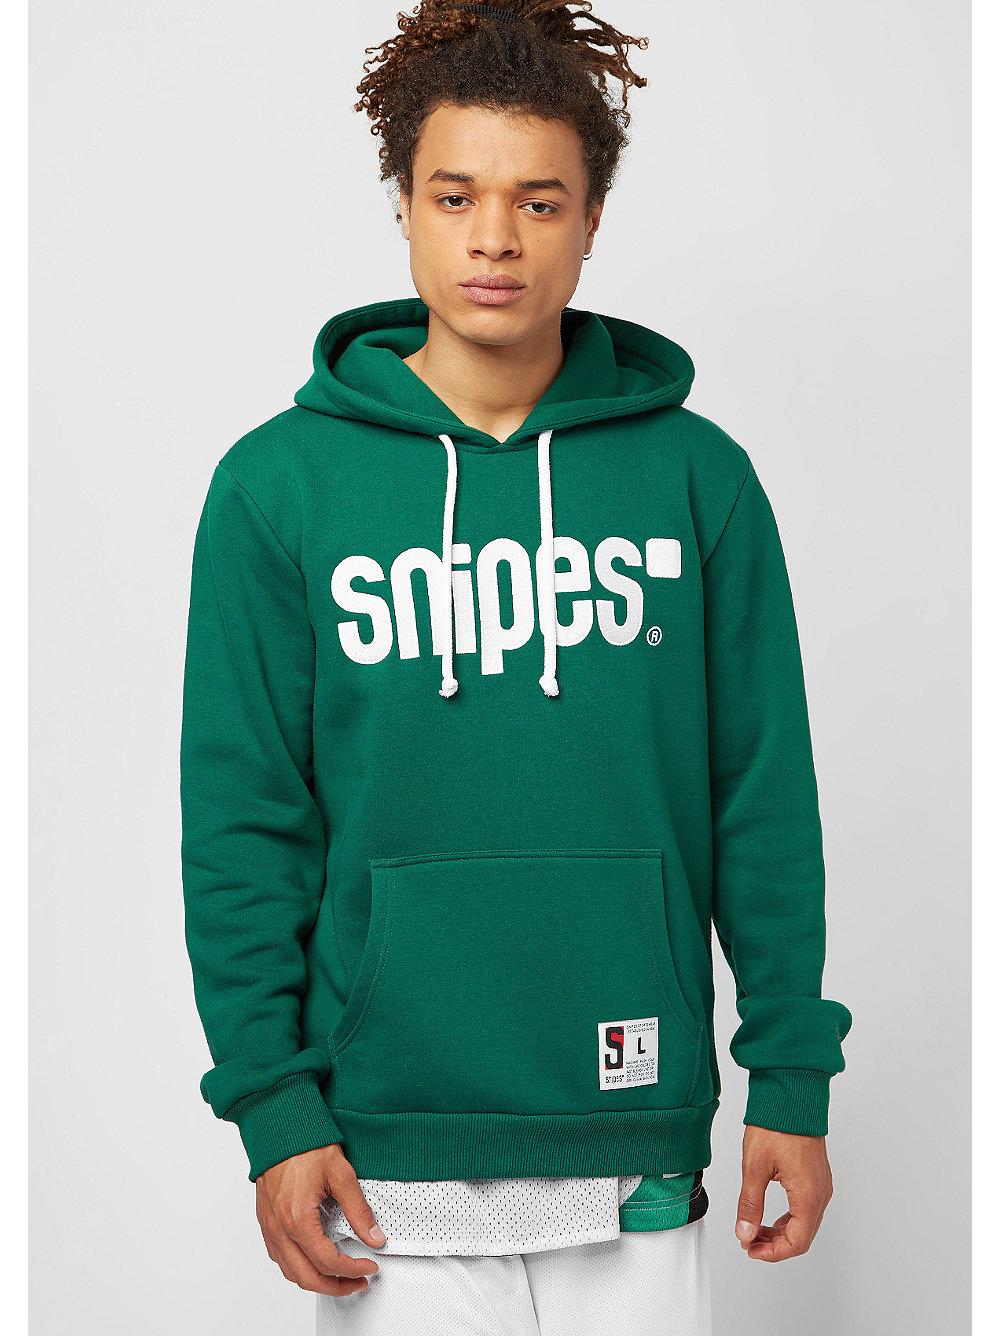 snipes basic logo evergreen snipes online shop. Black Bedroom Furniture Sets. Home Design Ideas